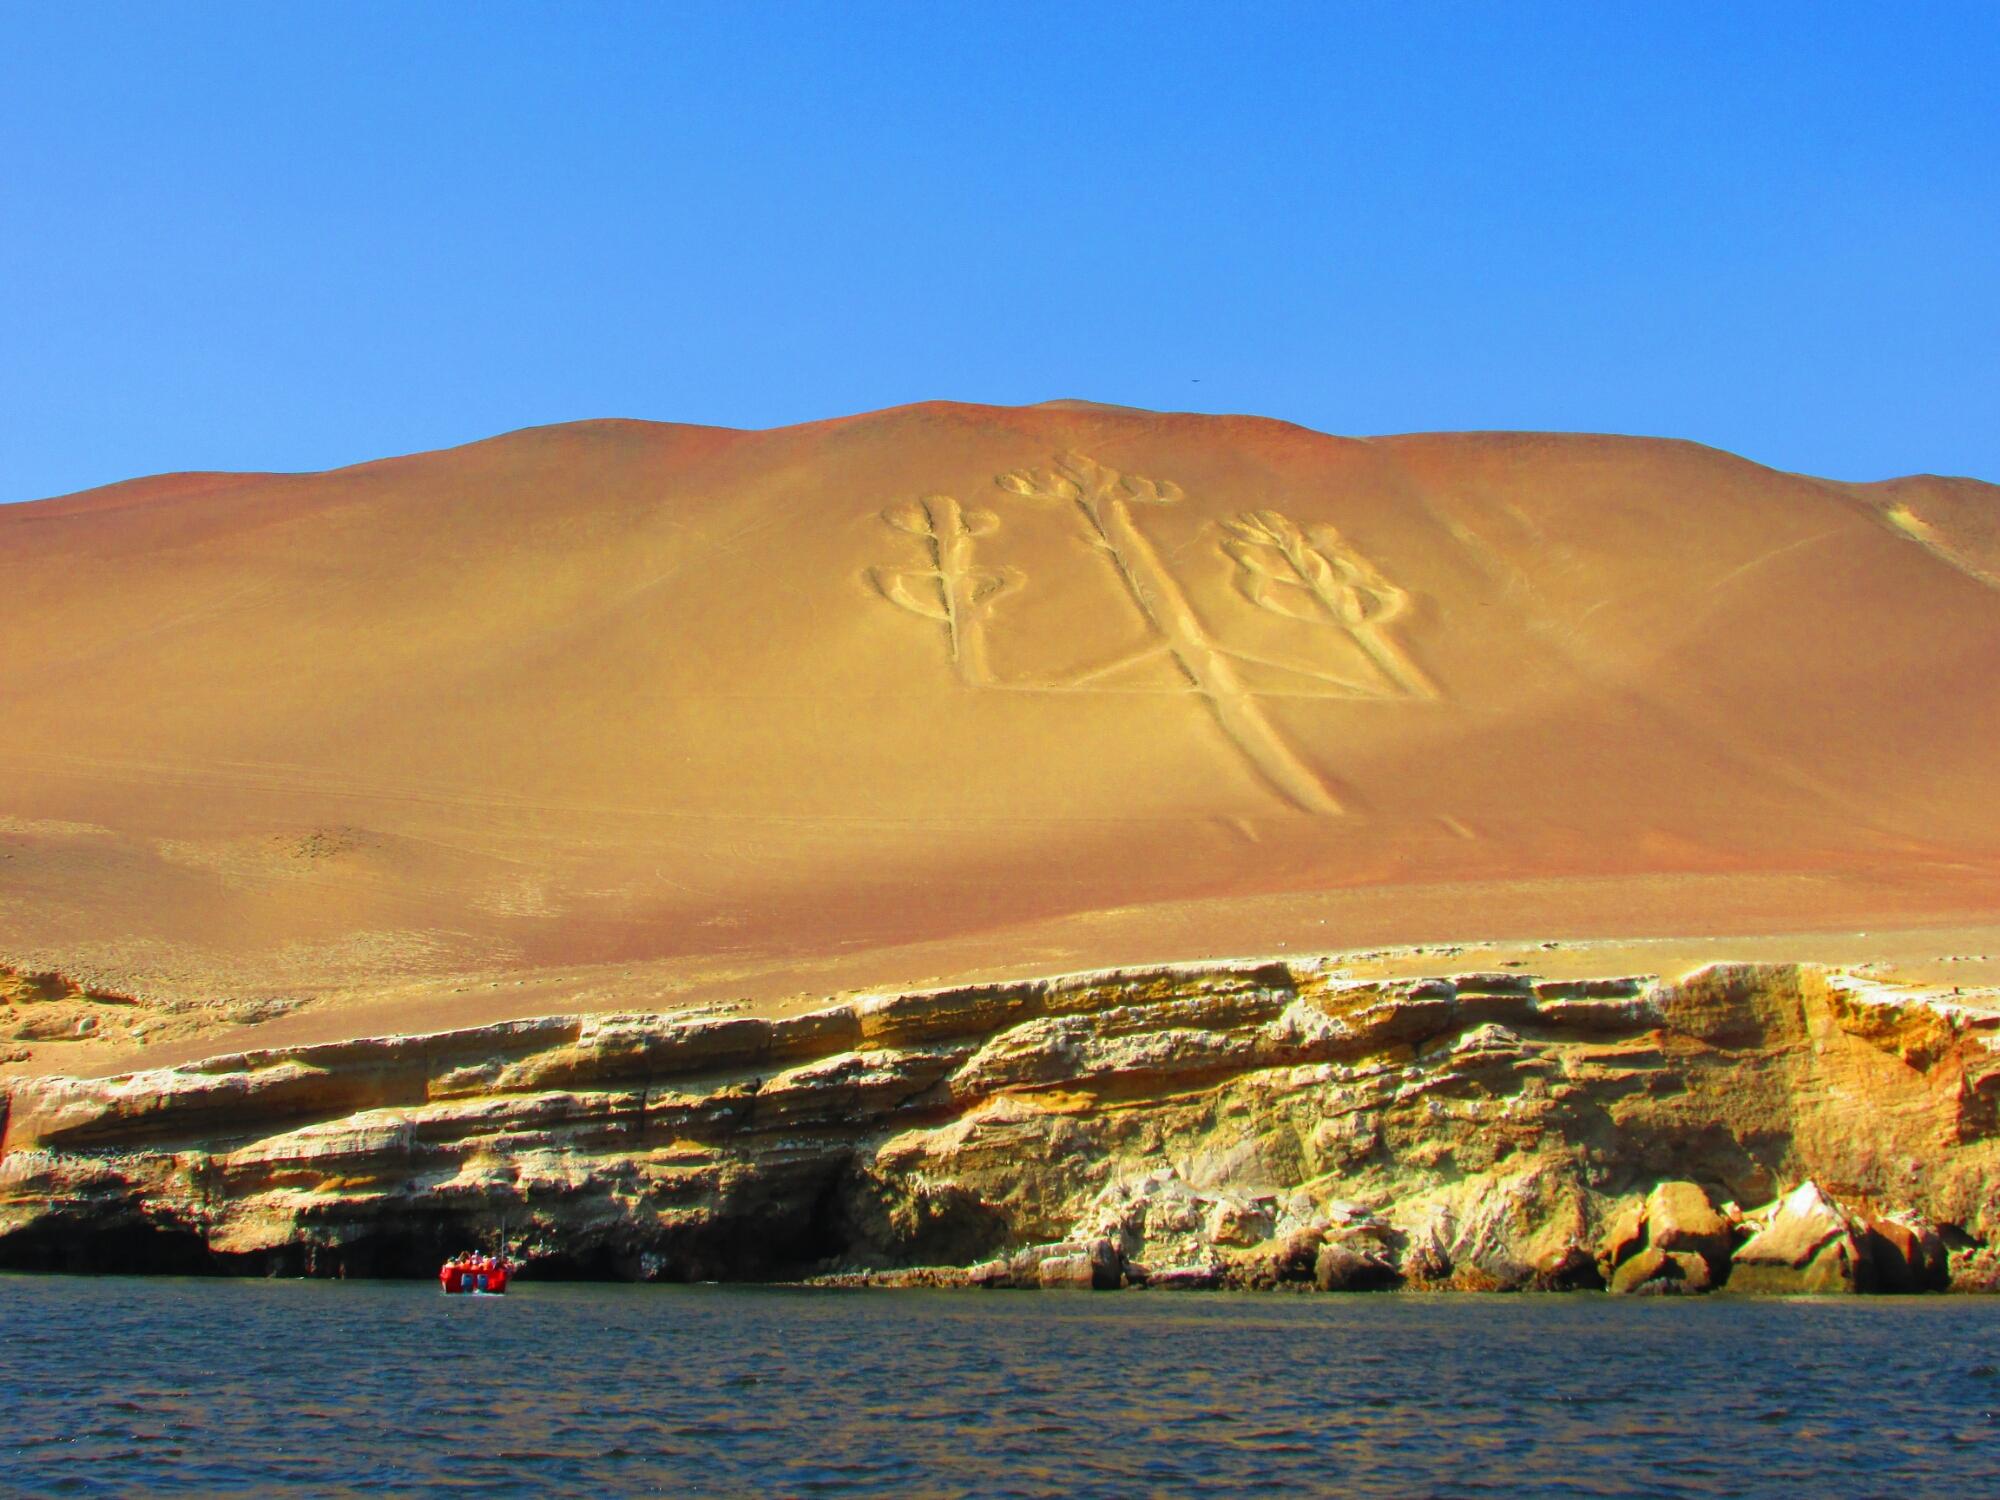 vista desde el barco de El Candelabro, Paracas, Perú